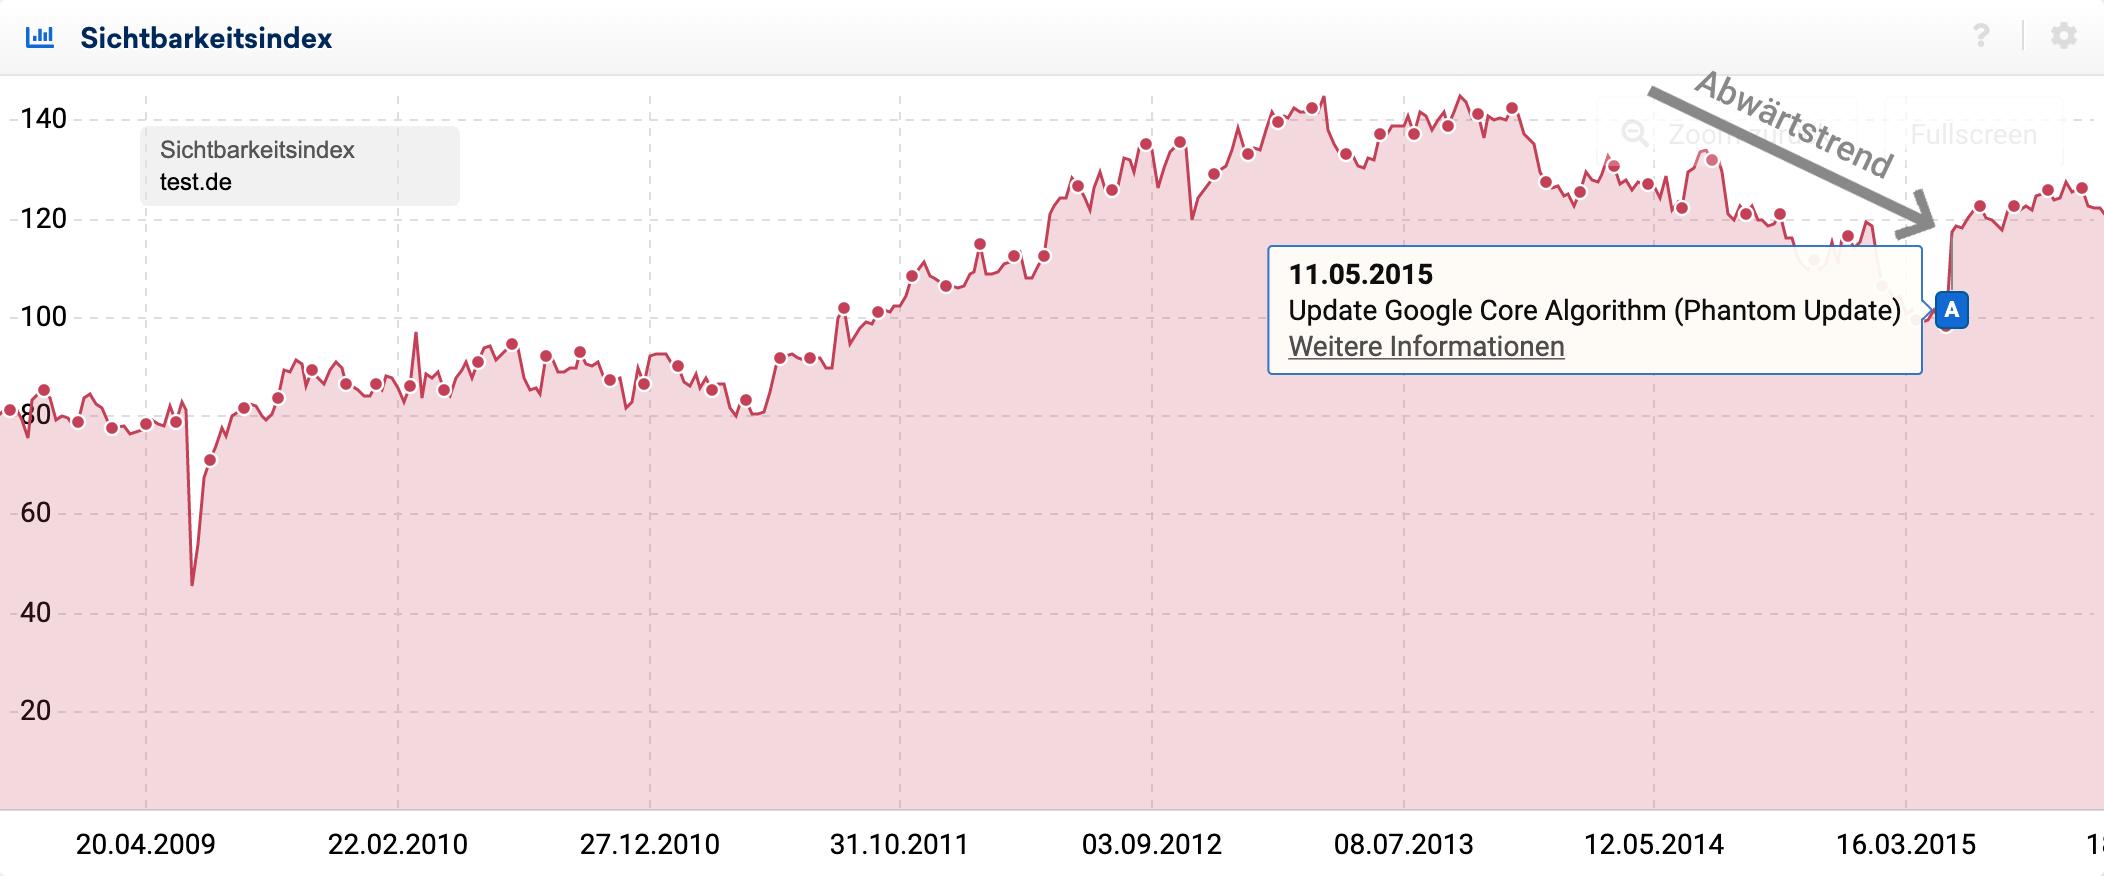 Sichtbarkeitsindex-Verlauf der Domain test.de im Zeitraum zwischen 20.04.2009 und 16.03.2015.